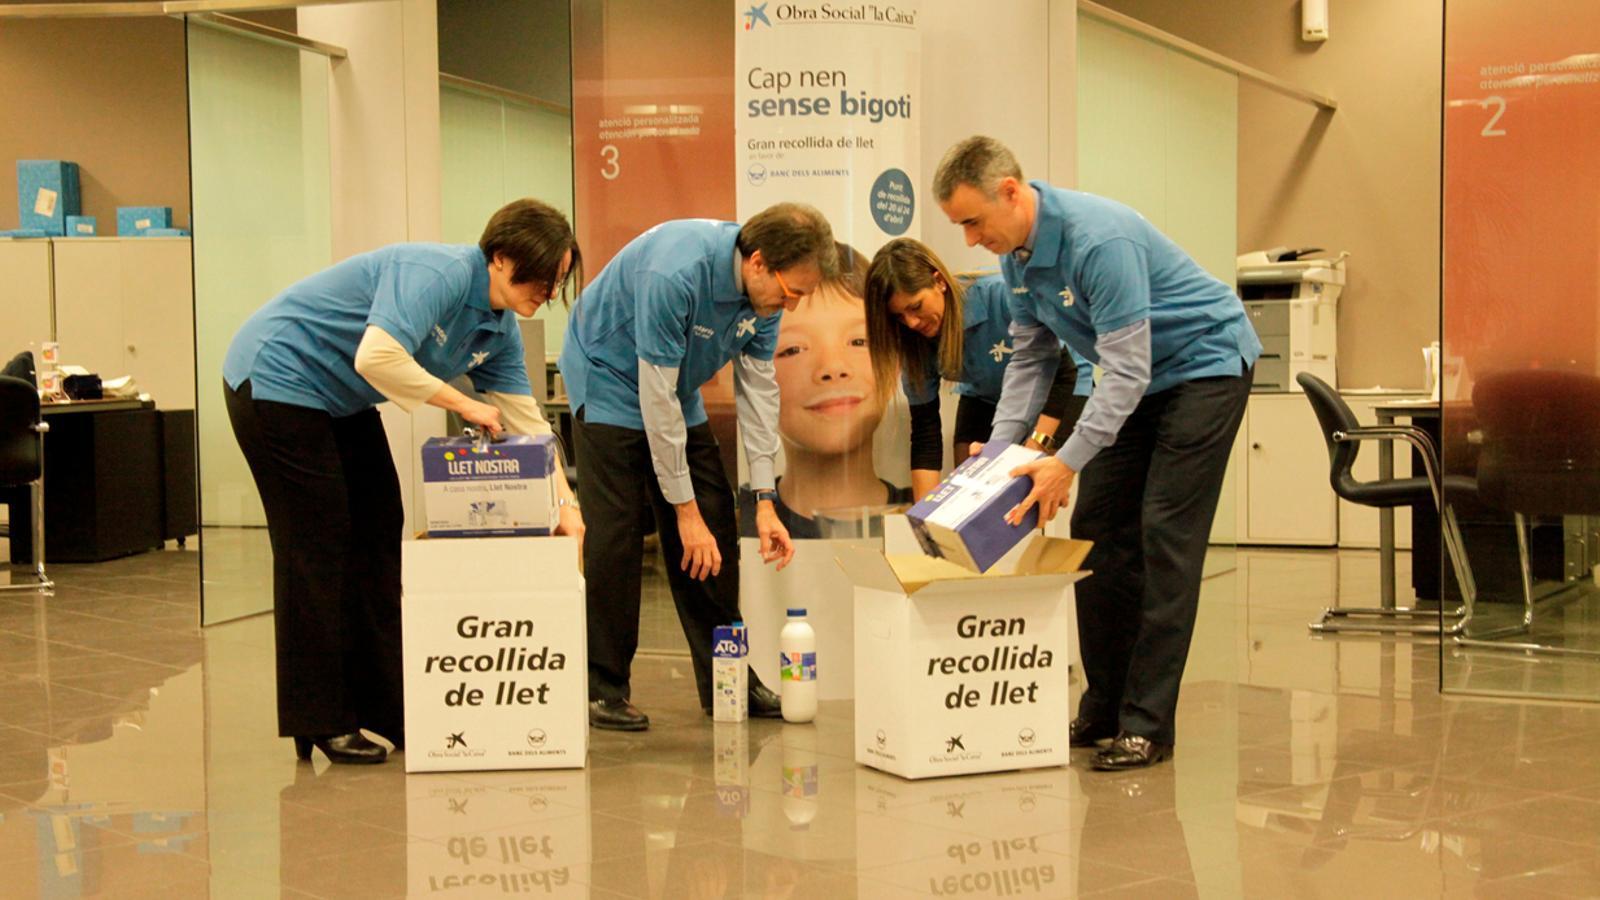 Les oficines de la caixa recapten litres de llet en for Caixa enginyers oficines